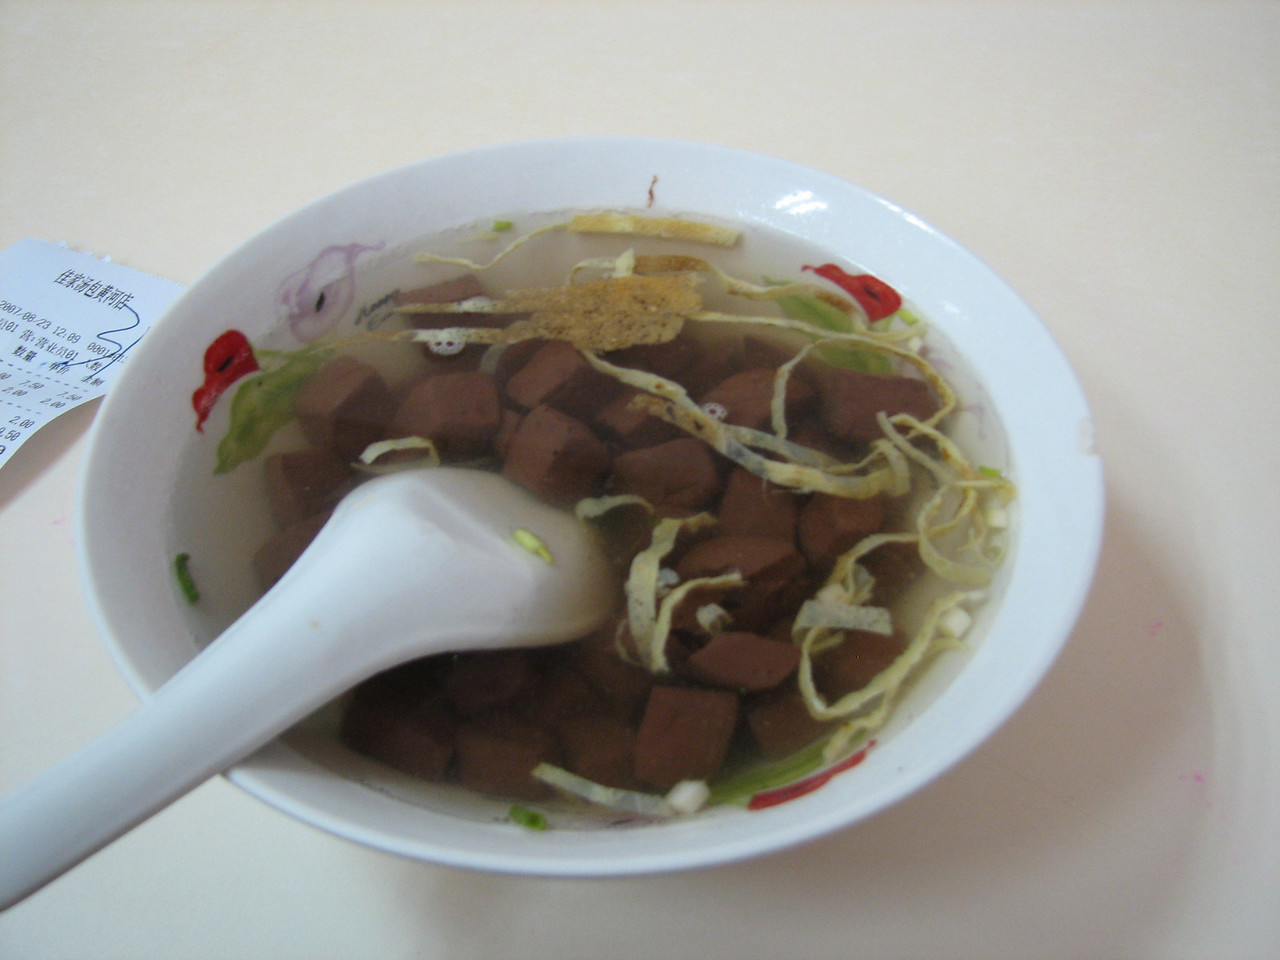 鸡鸭血汤 (chicken and duck blood soup) - better than it sounds